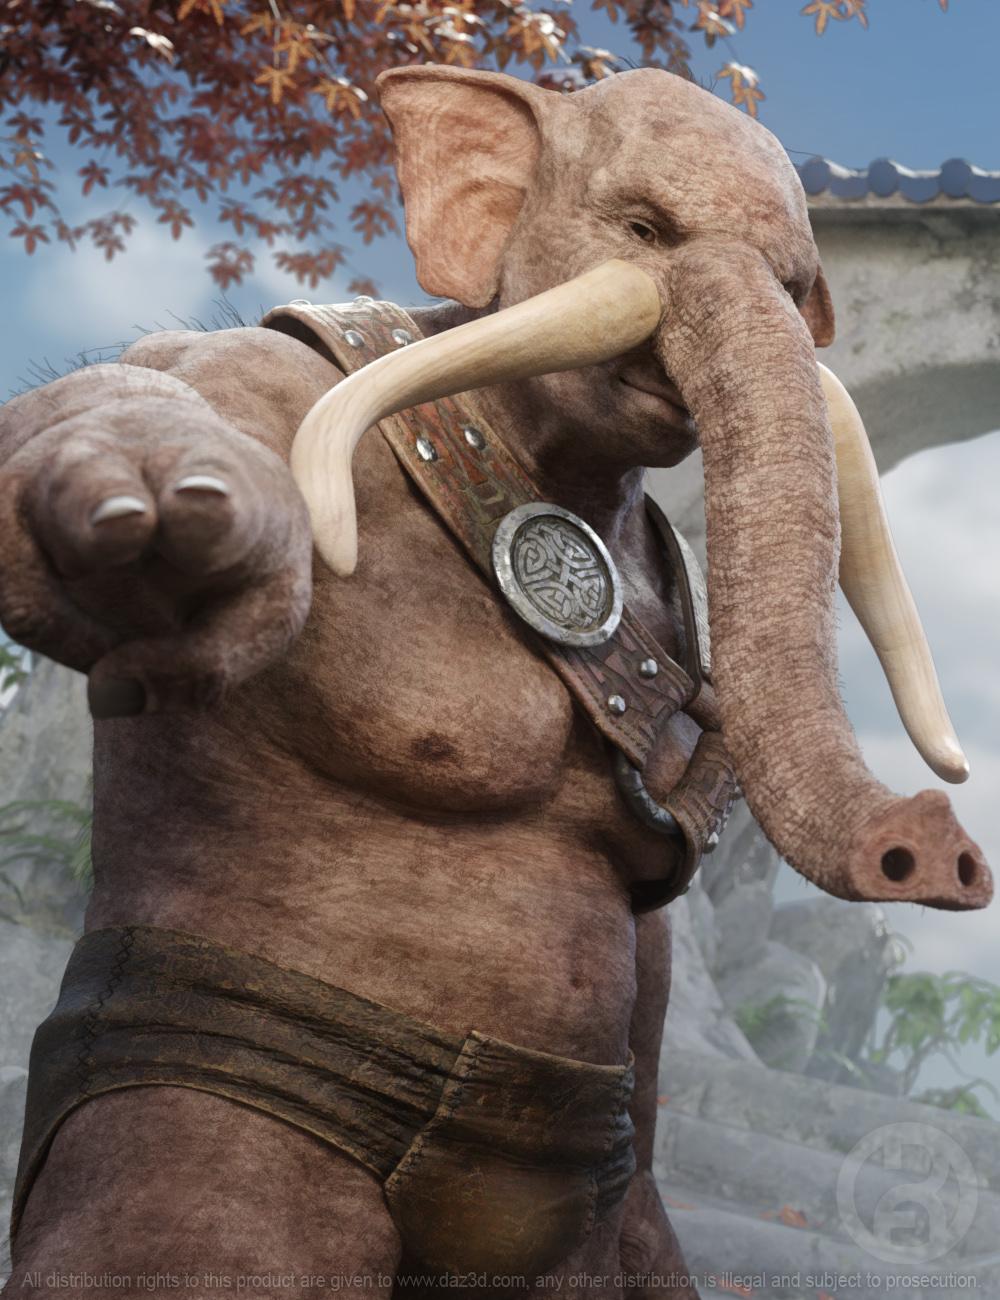 Elebeast for Genesis 8 Male by: RawArt, 3D Models by Daz 3D